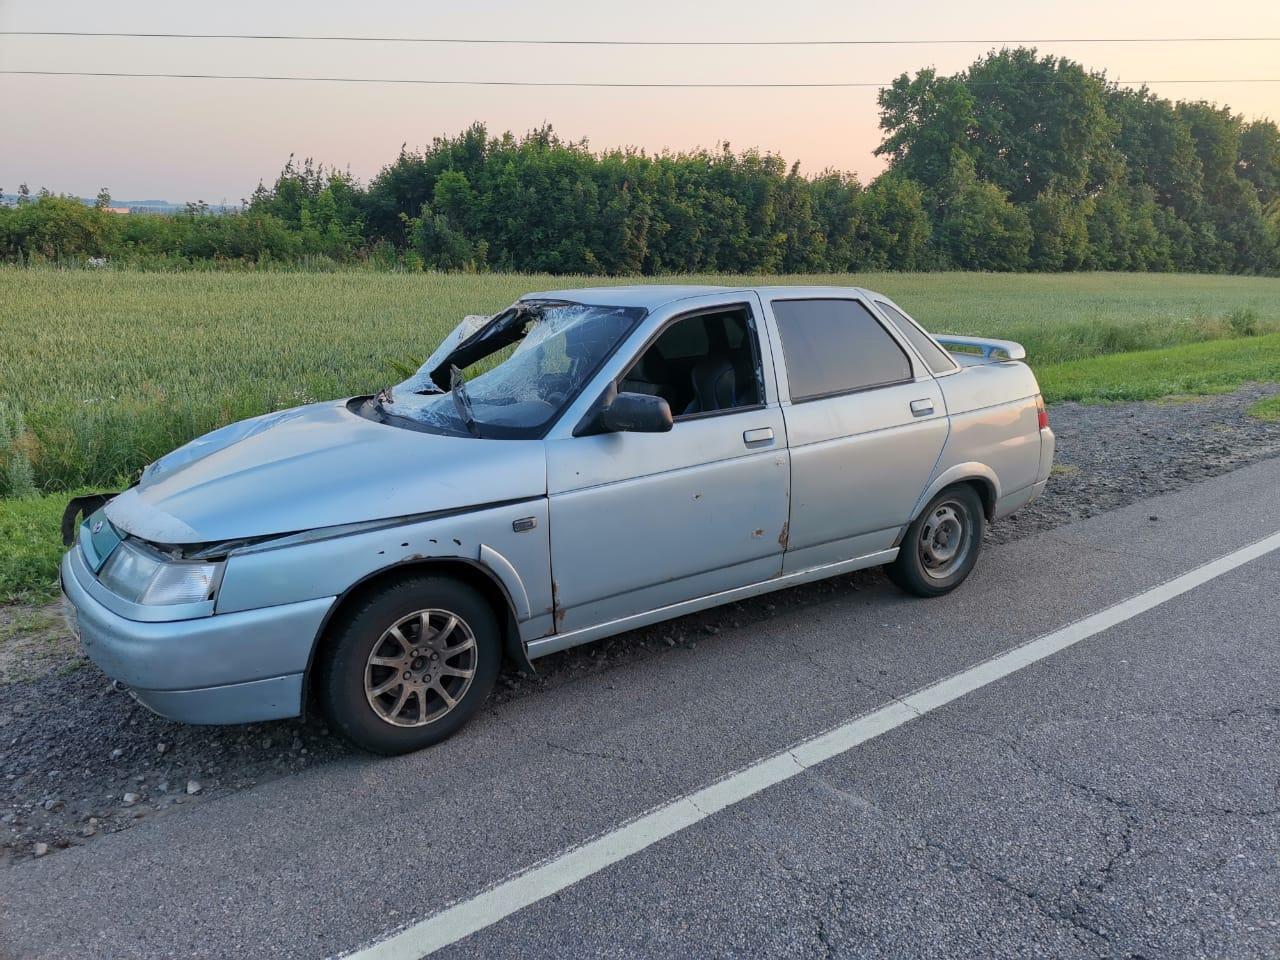 В Тамбовской области на федеральной трассе сбили пешехода, фото-1